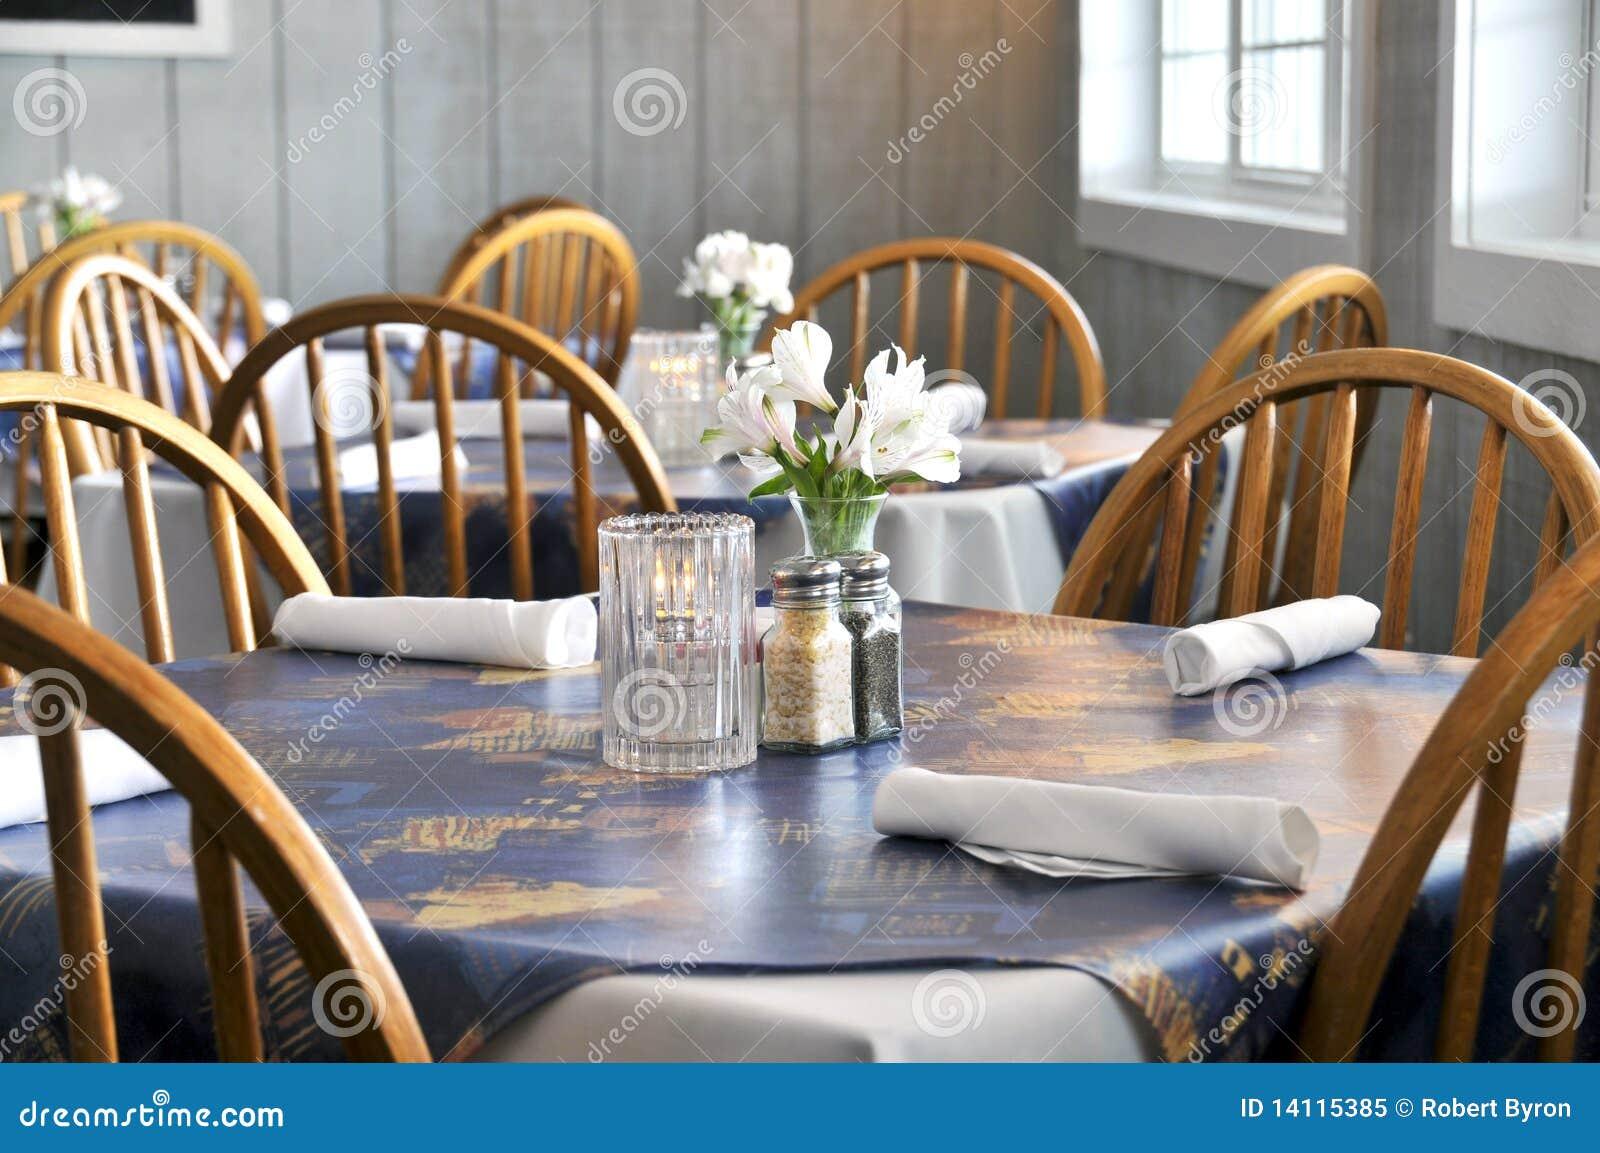 tableau de restaurant image stock image du d coration 14115385. Black Bedroom Furniture Sets. Home Design Ideas